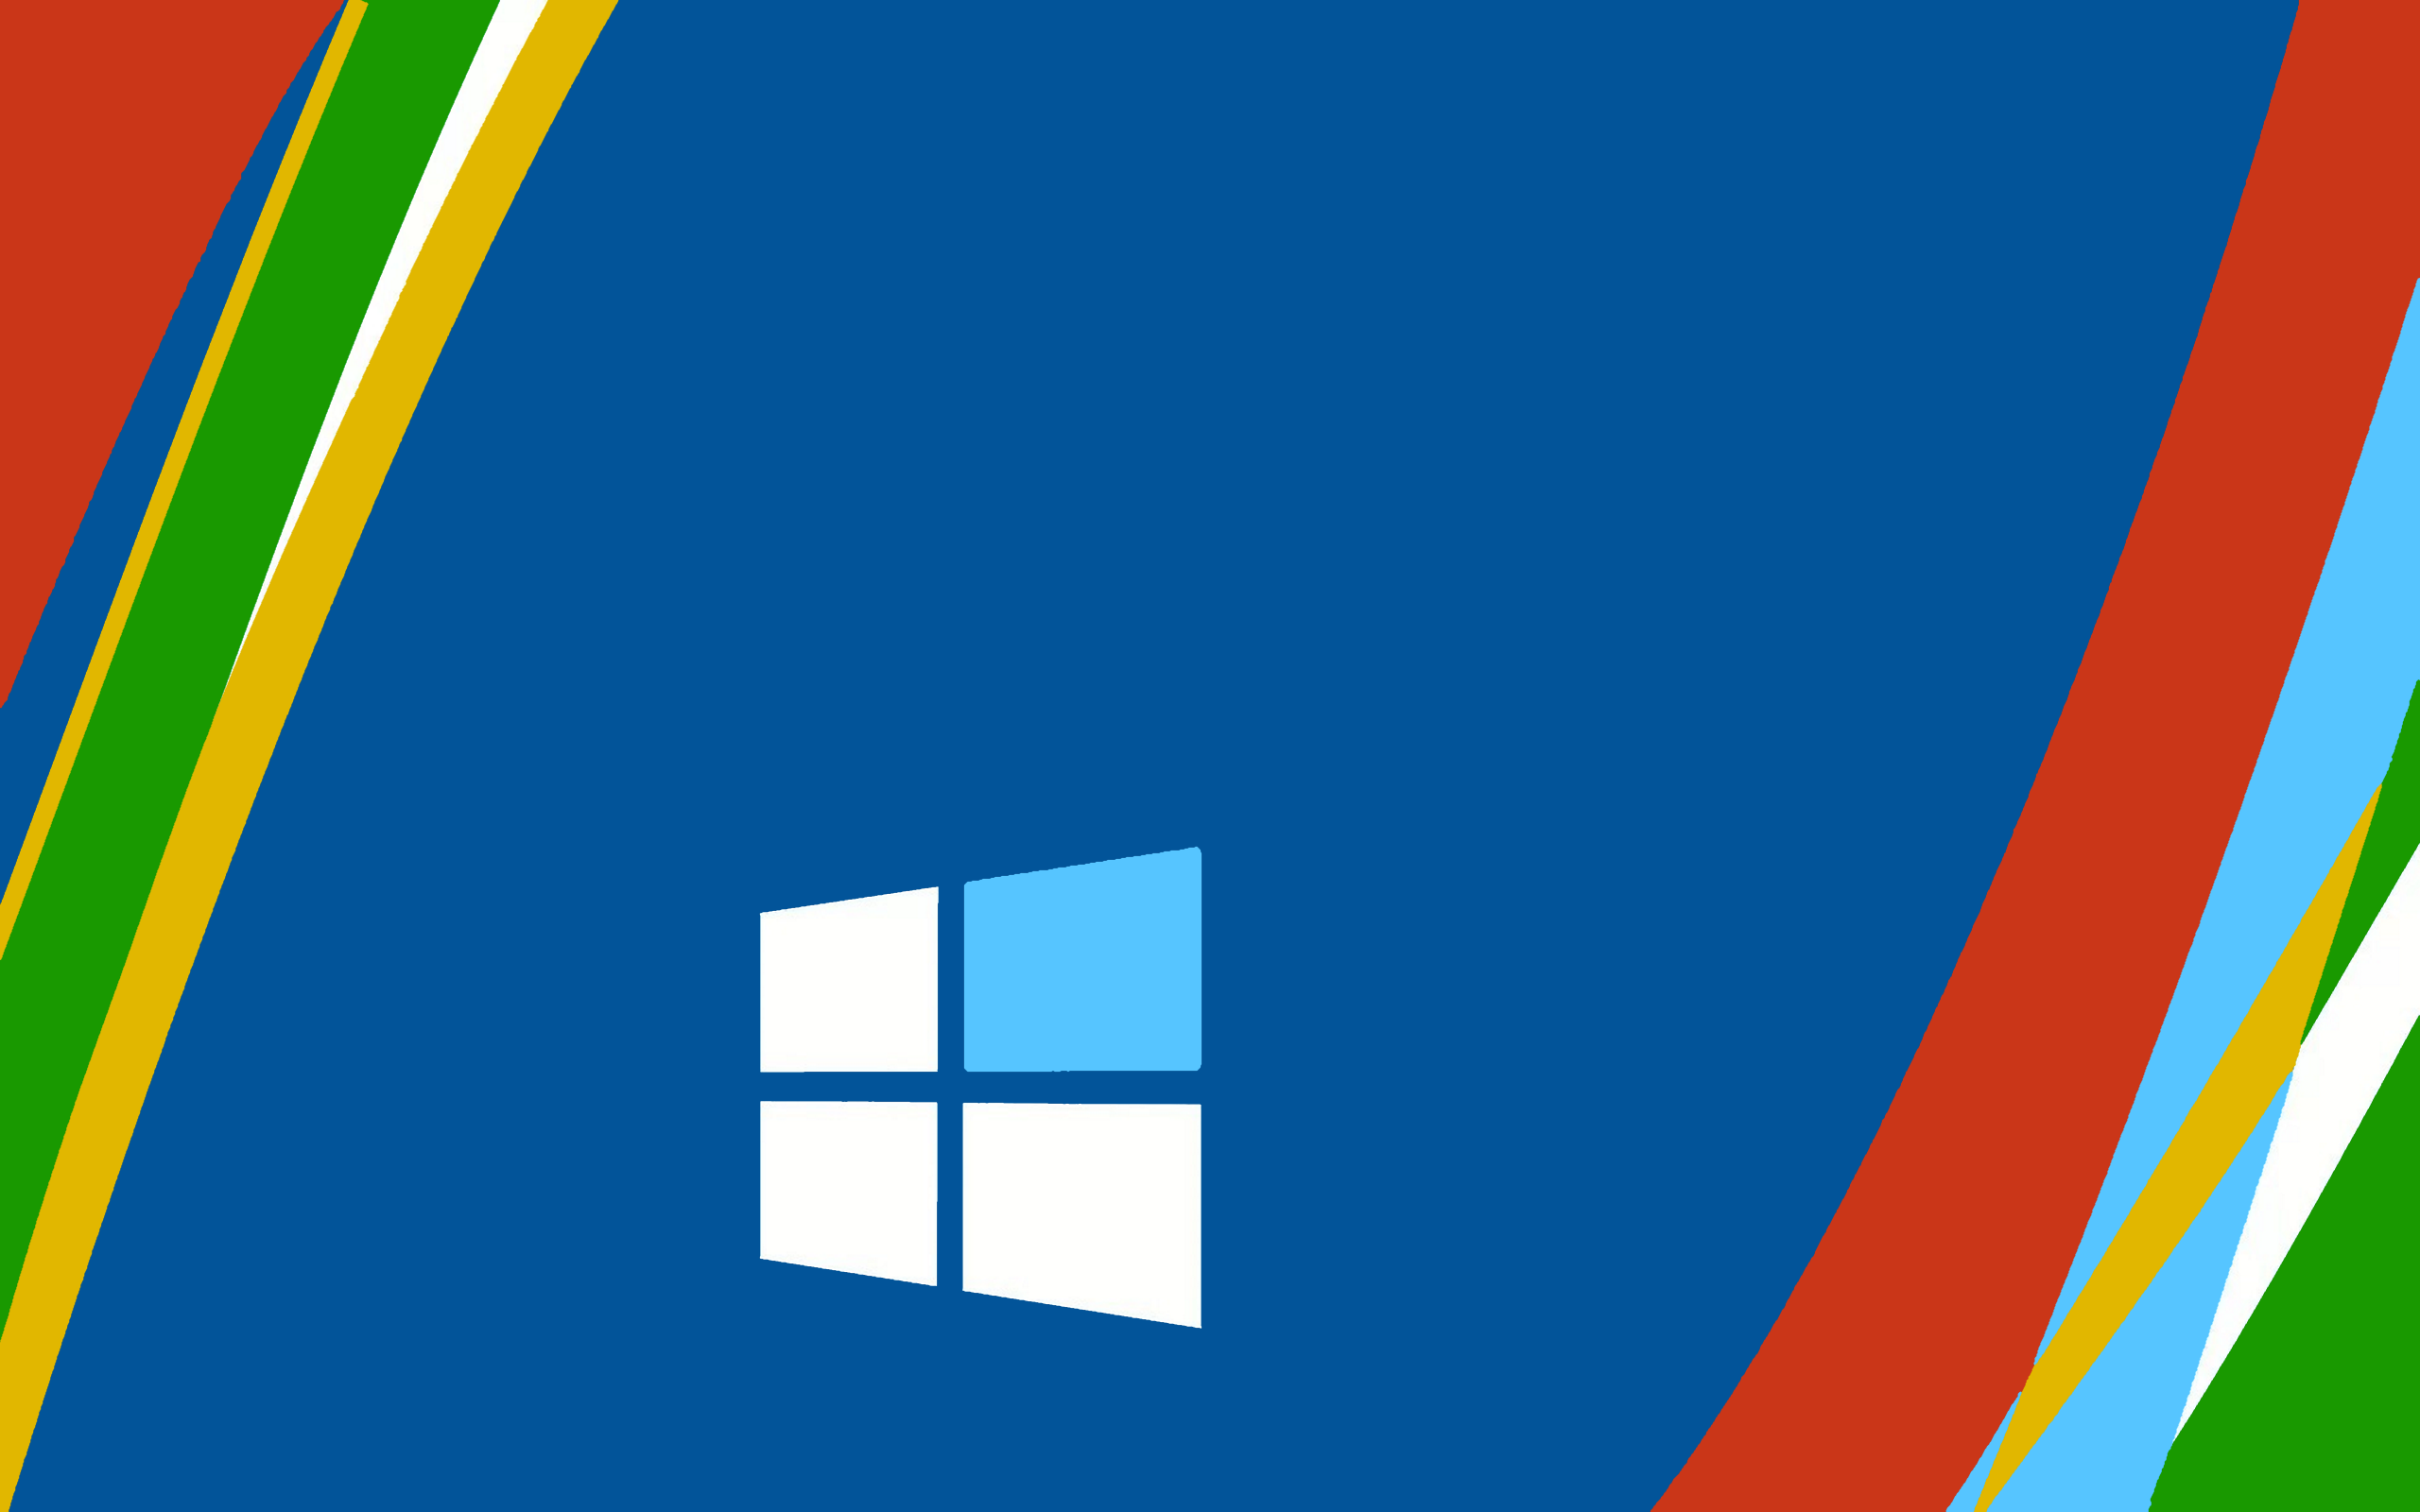 Windows 10 Wallpapers Hd 2015 For Desktop - Windows 10 Full Hd , HD Wallpaper & Backgrounds